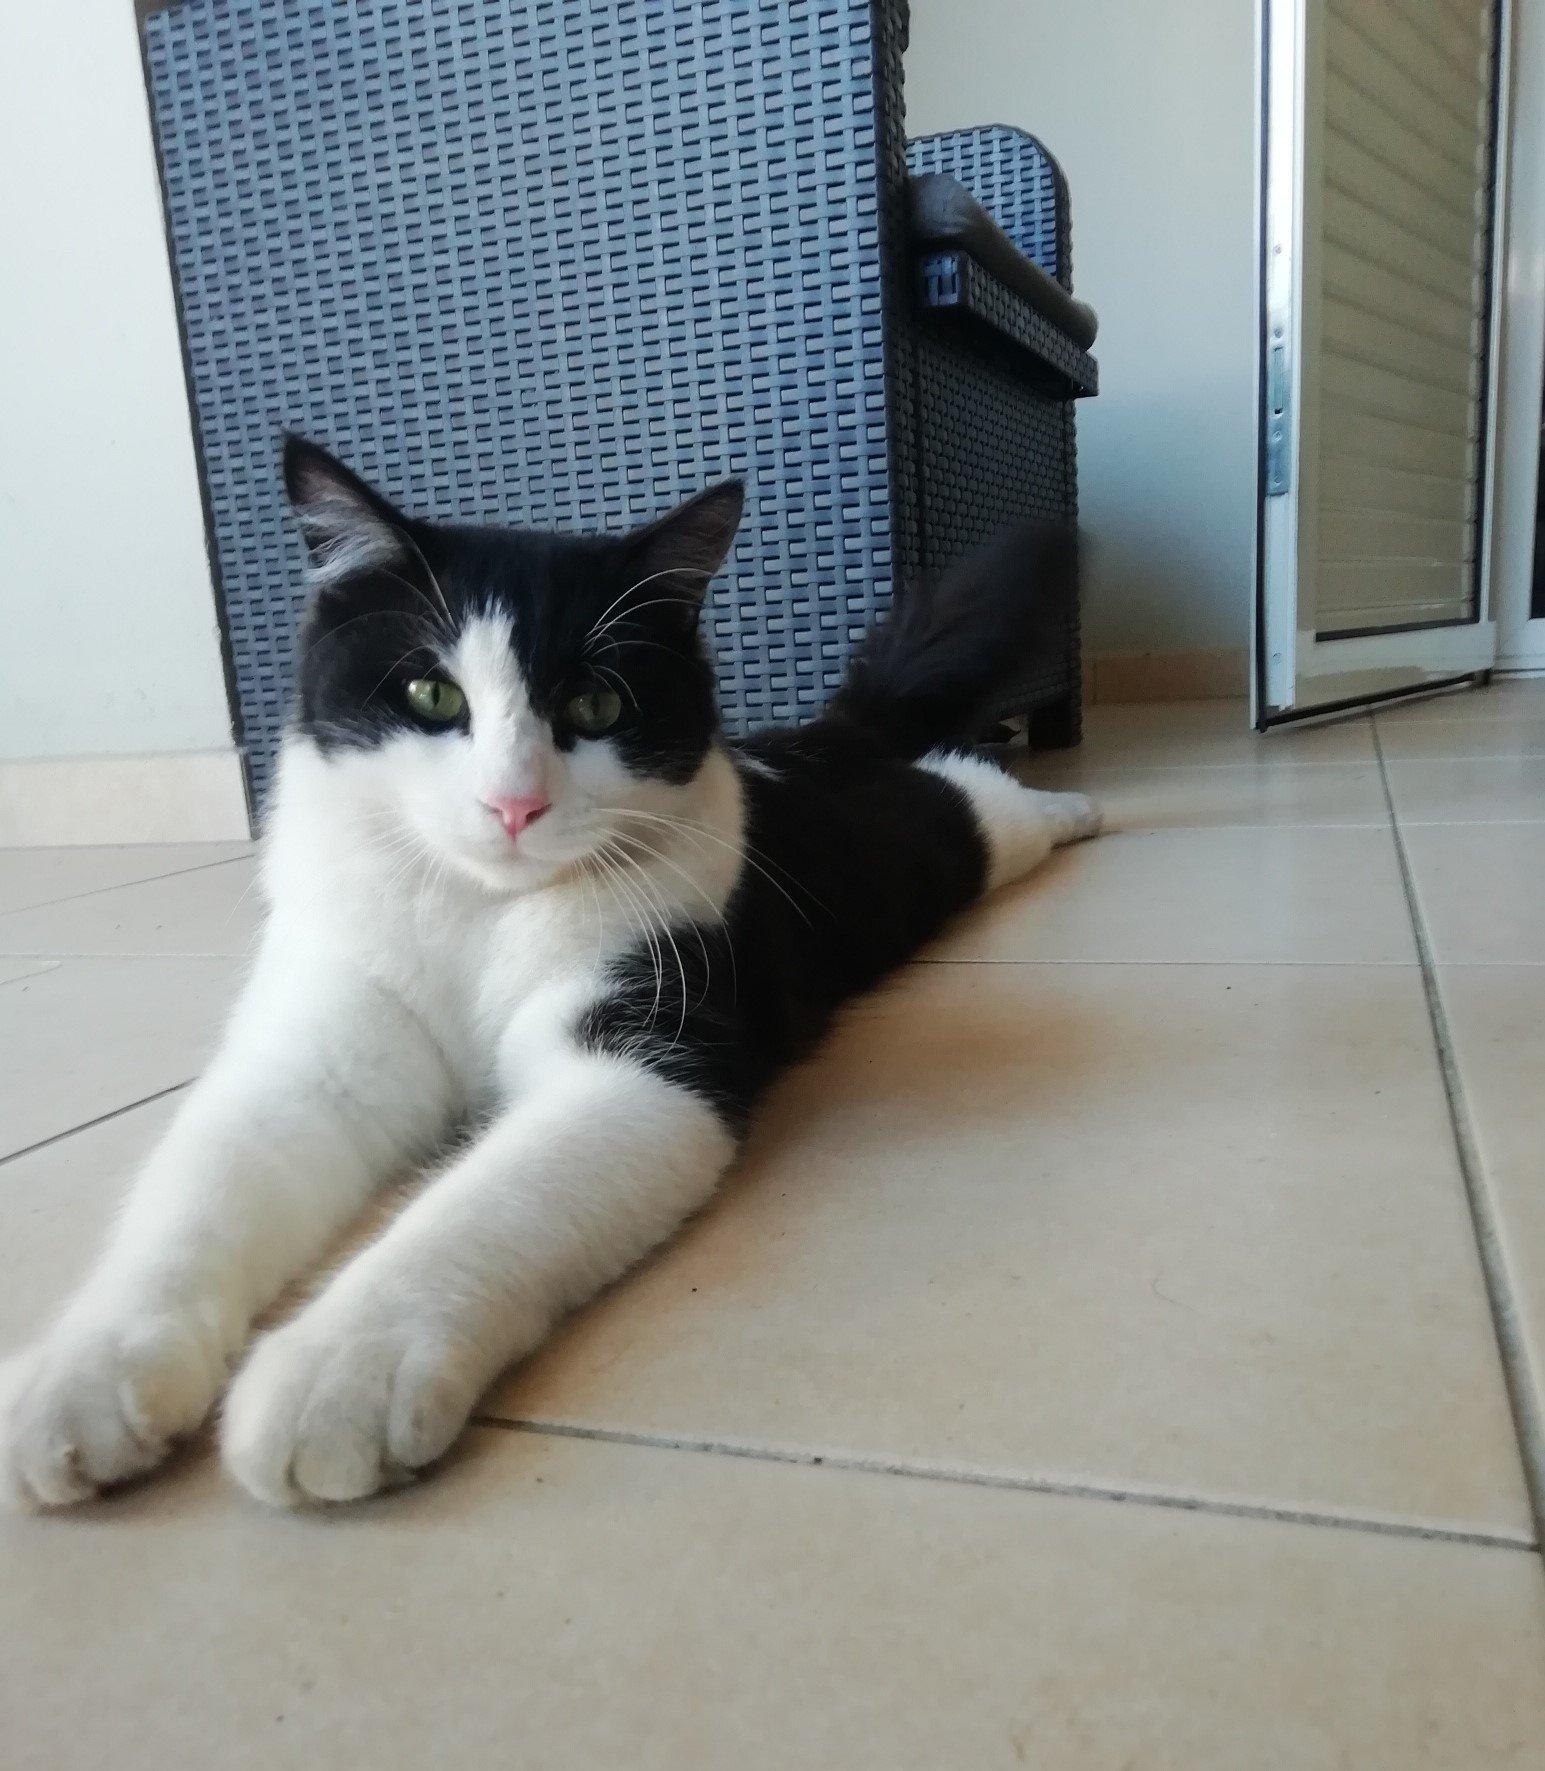 CHAPLIN loulou noir et blanc, poils mi-longs -  1 an et demi - marrainé par Harfeng et Ana 190608012522409055